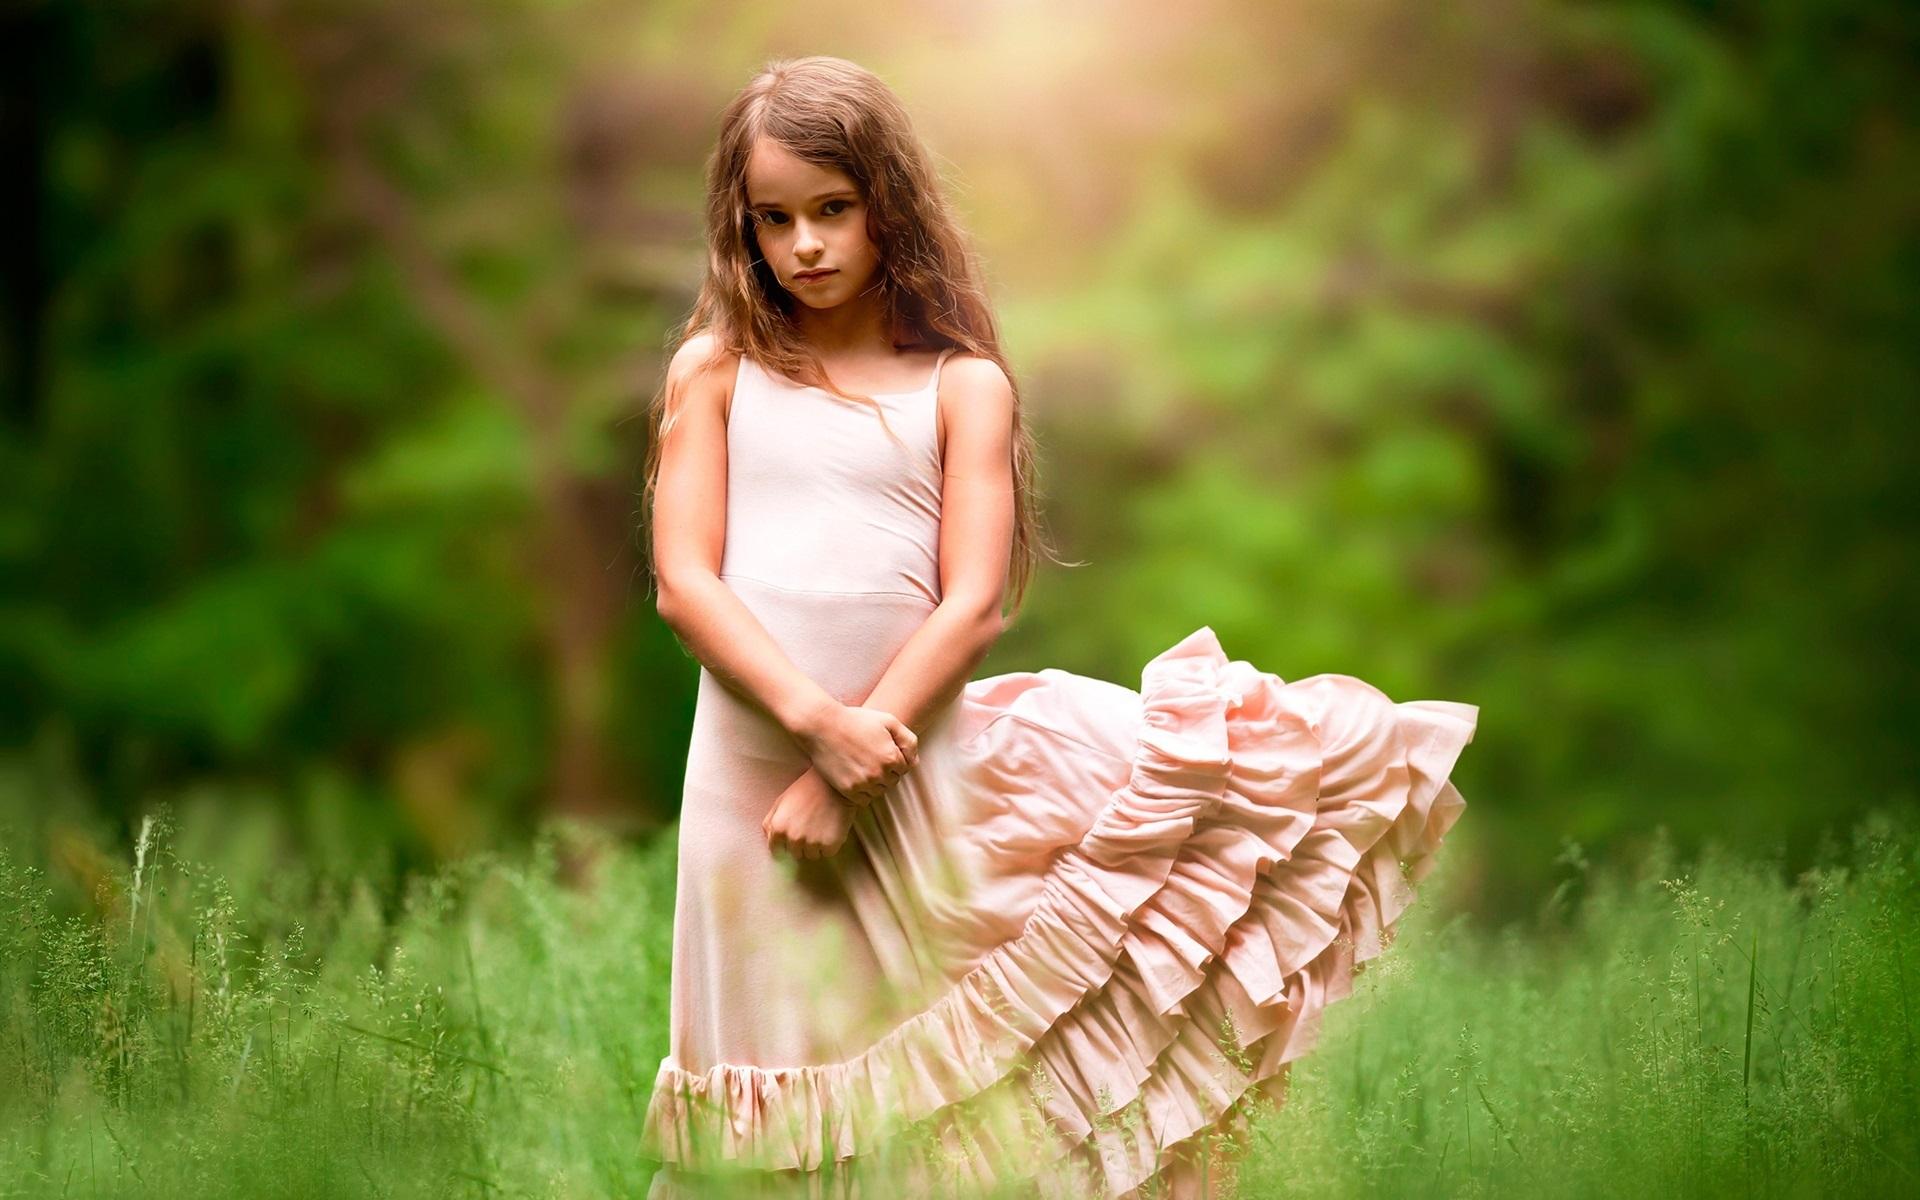 Wallpaper Cute girl, child, grass, wind 1920x1200 HD ...